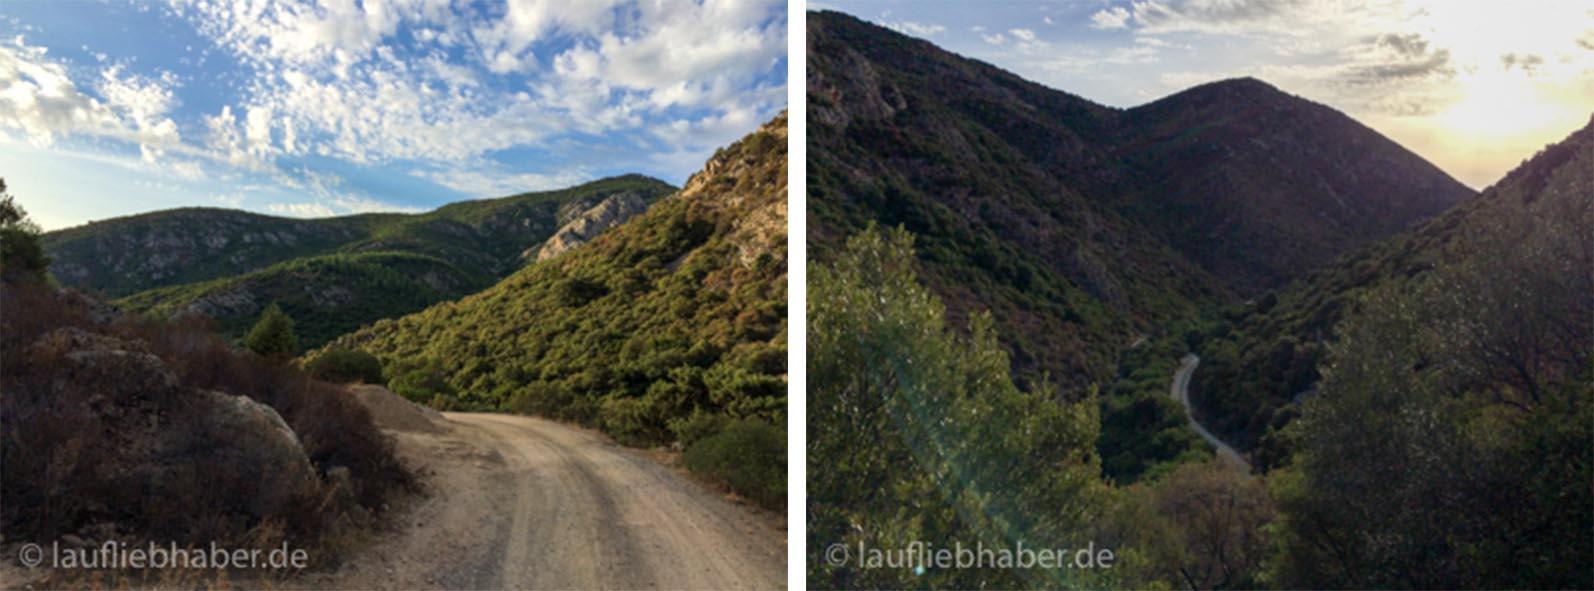 Sardinien Trail 1